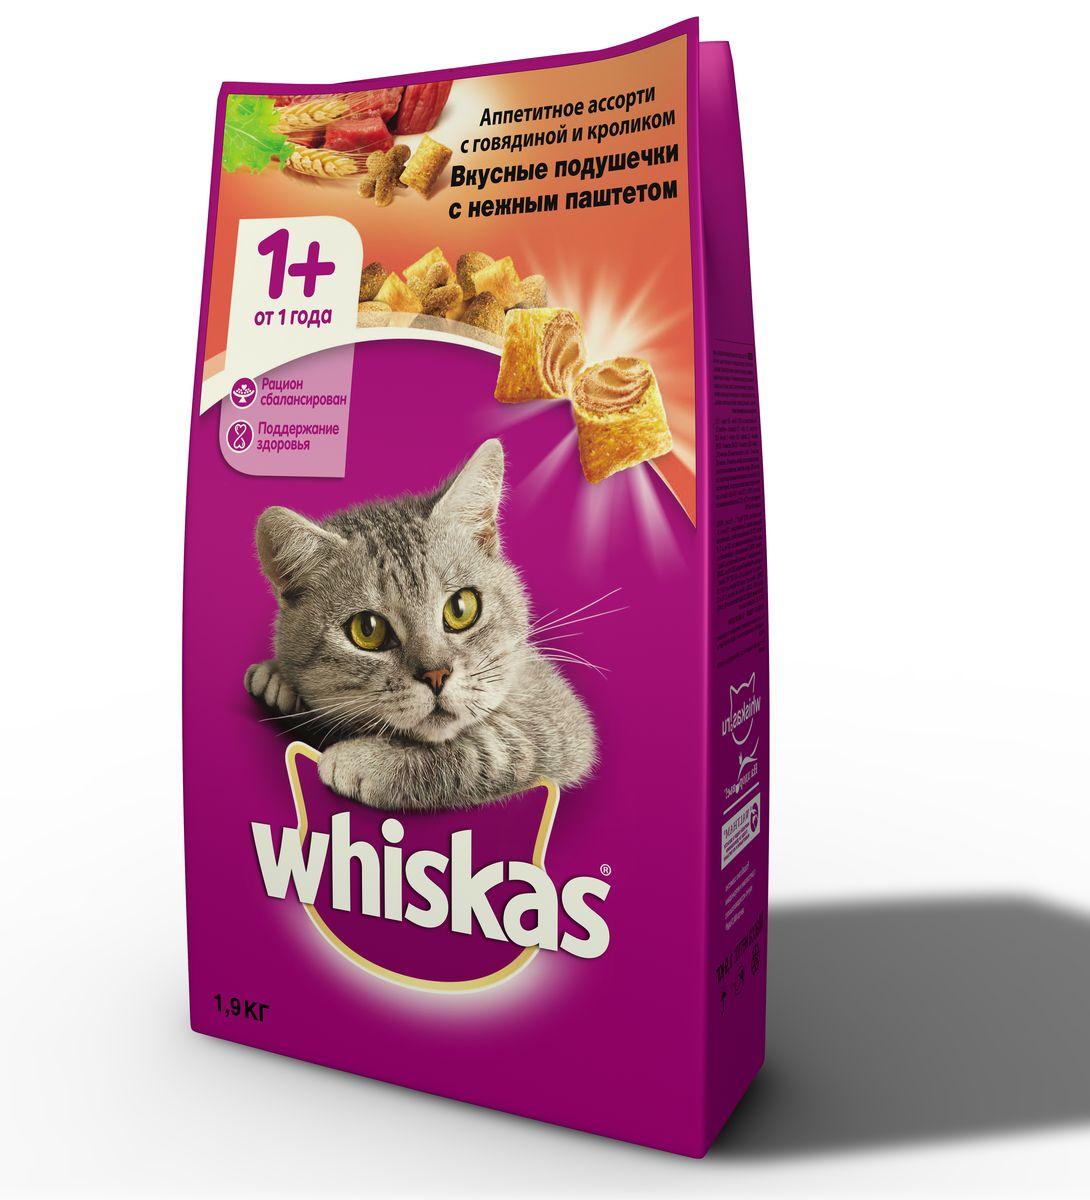 Корм сухой для кошек Whiskas Вкусные подушечки, с нежным паштетом, говядиной и кроликом, 1,9 кг